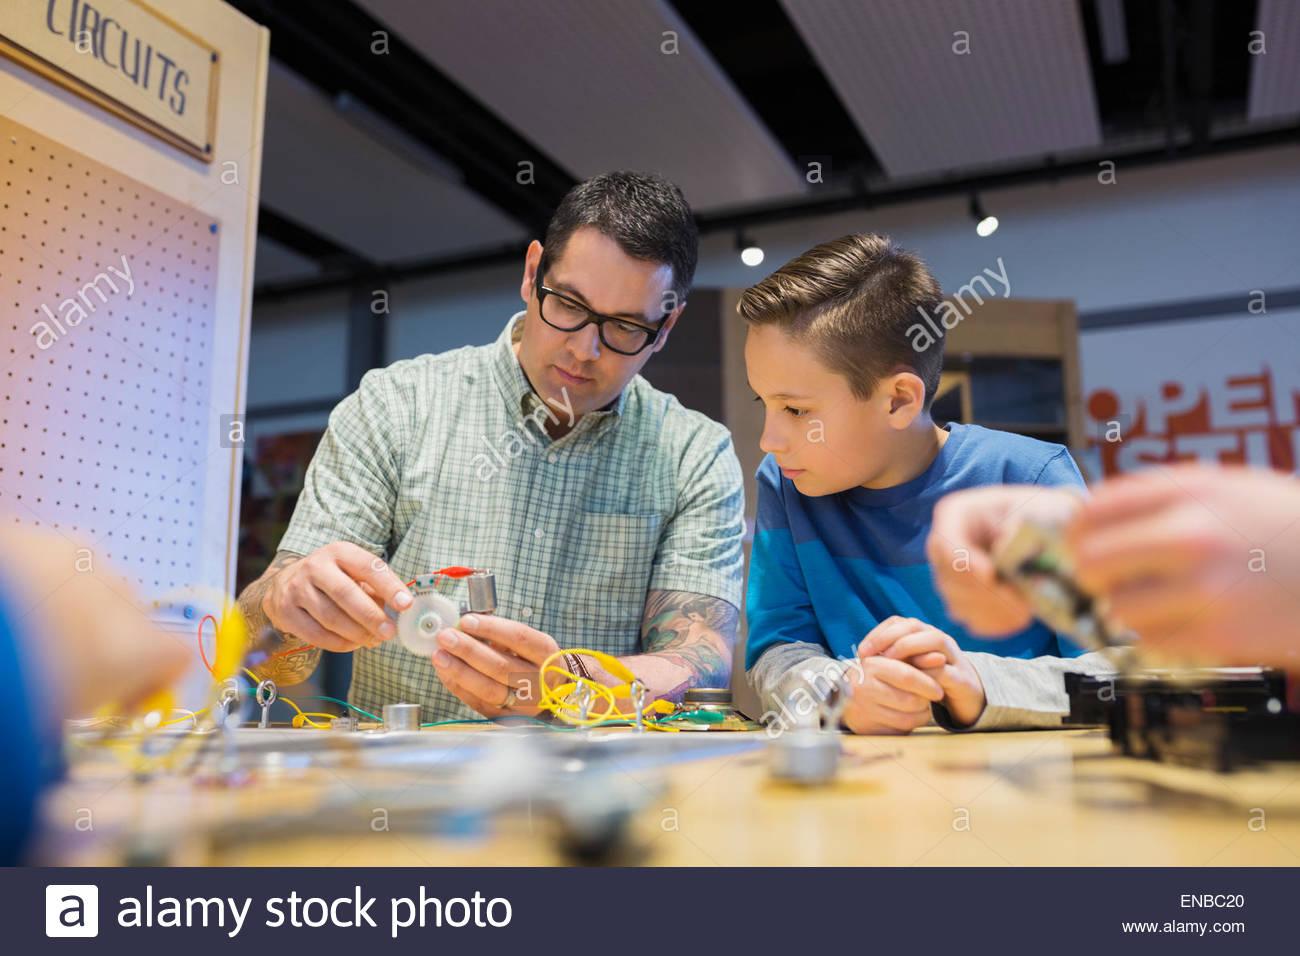 Le professeur et l'étudiant de l'assemblage de circuits électroniques science center Photo Stock